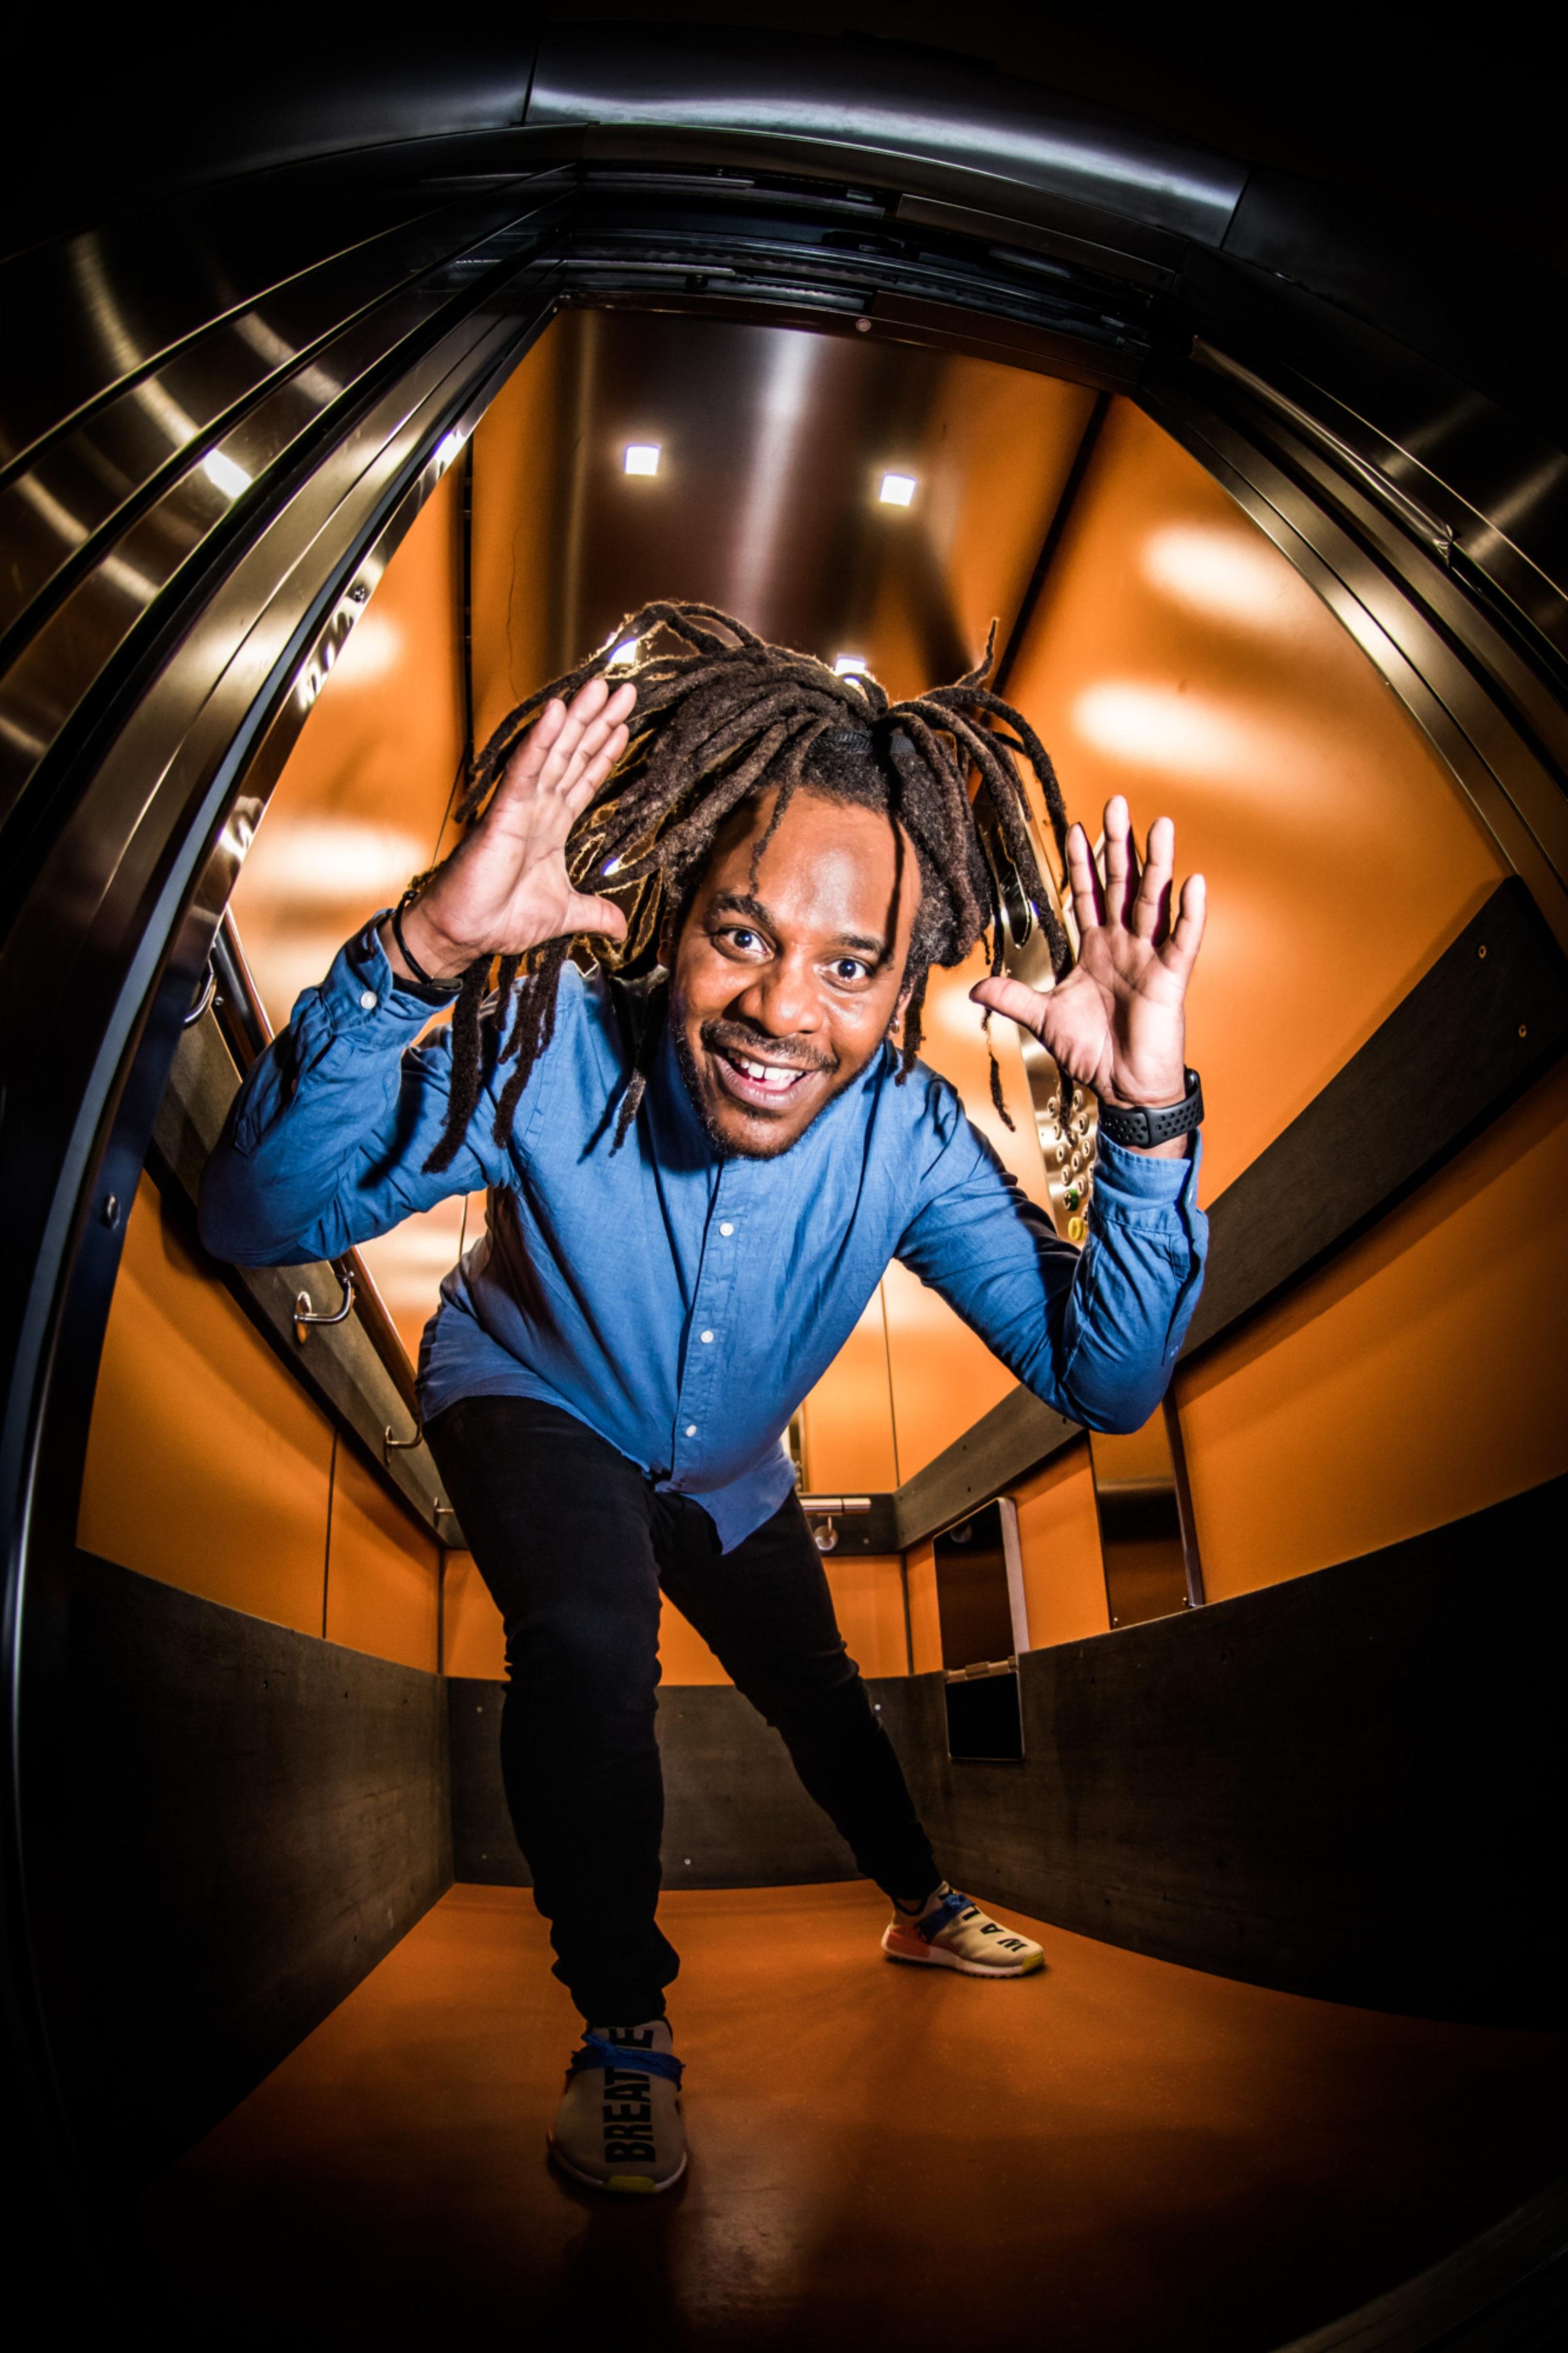 Marlon Kicken In de Lift Staand Dave van Hout 3974 1583244467 35i1zl638b